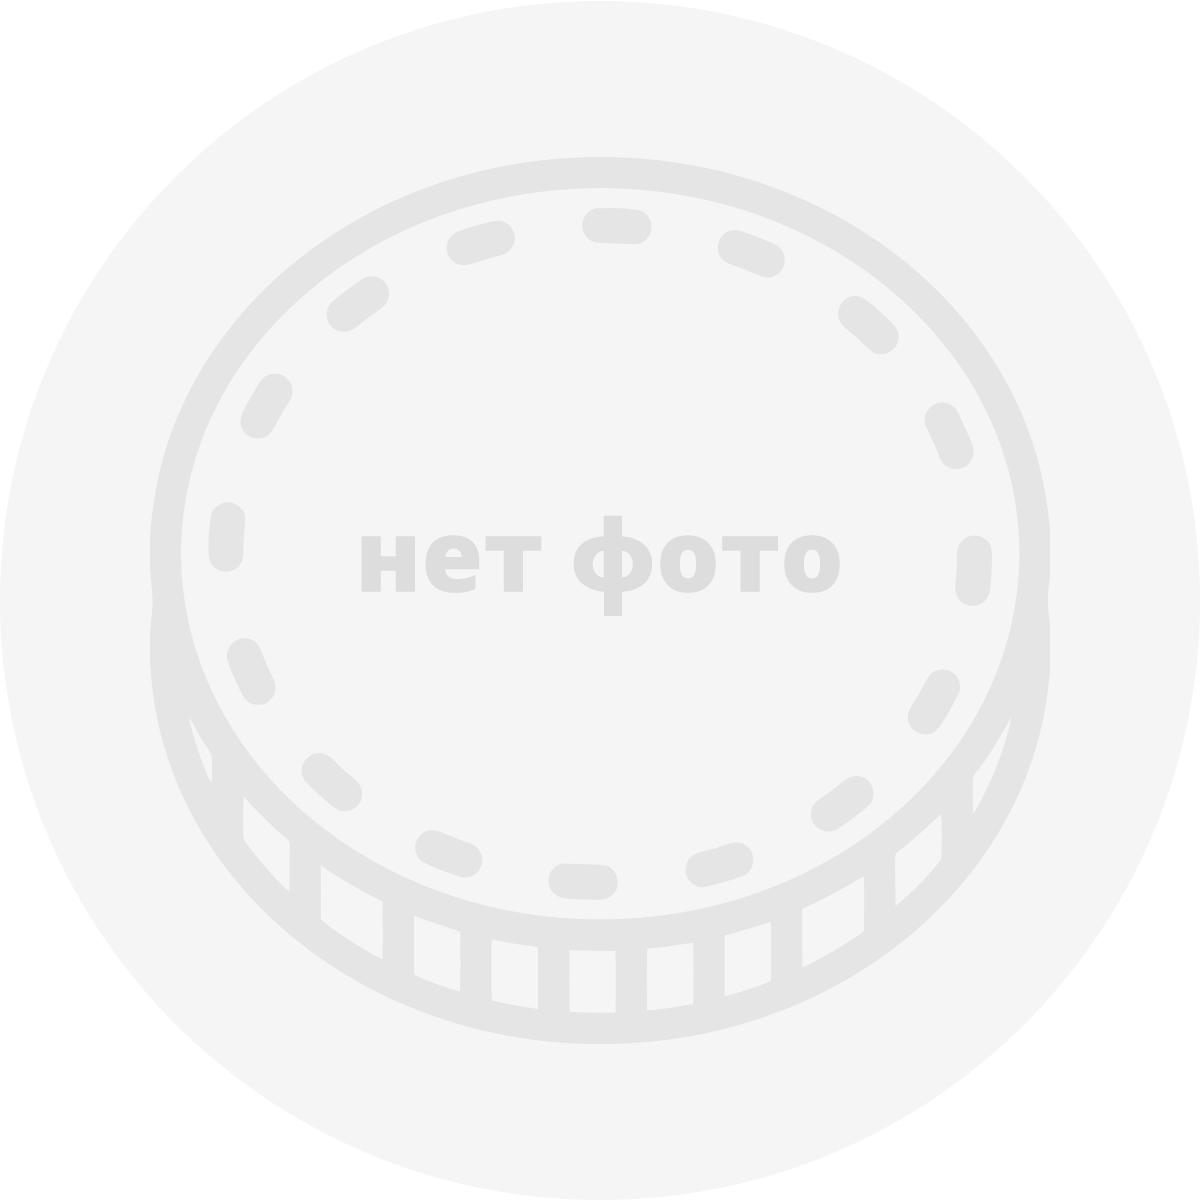 Холдеры степлер (коробка 100 шт.) 25 мм